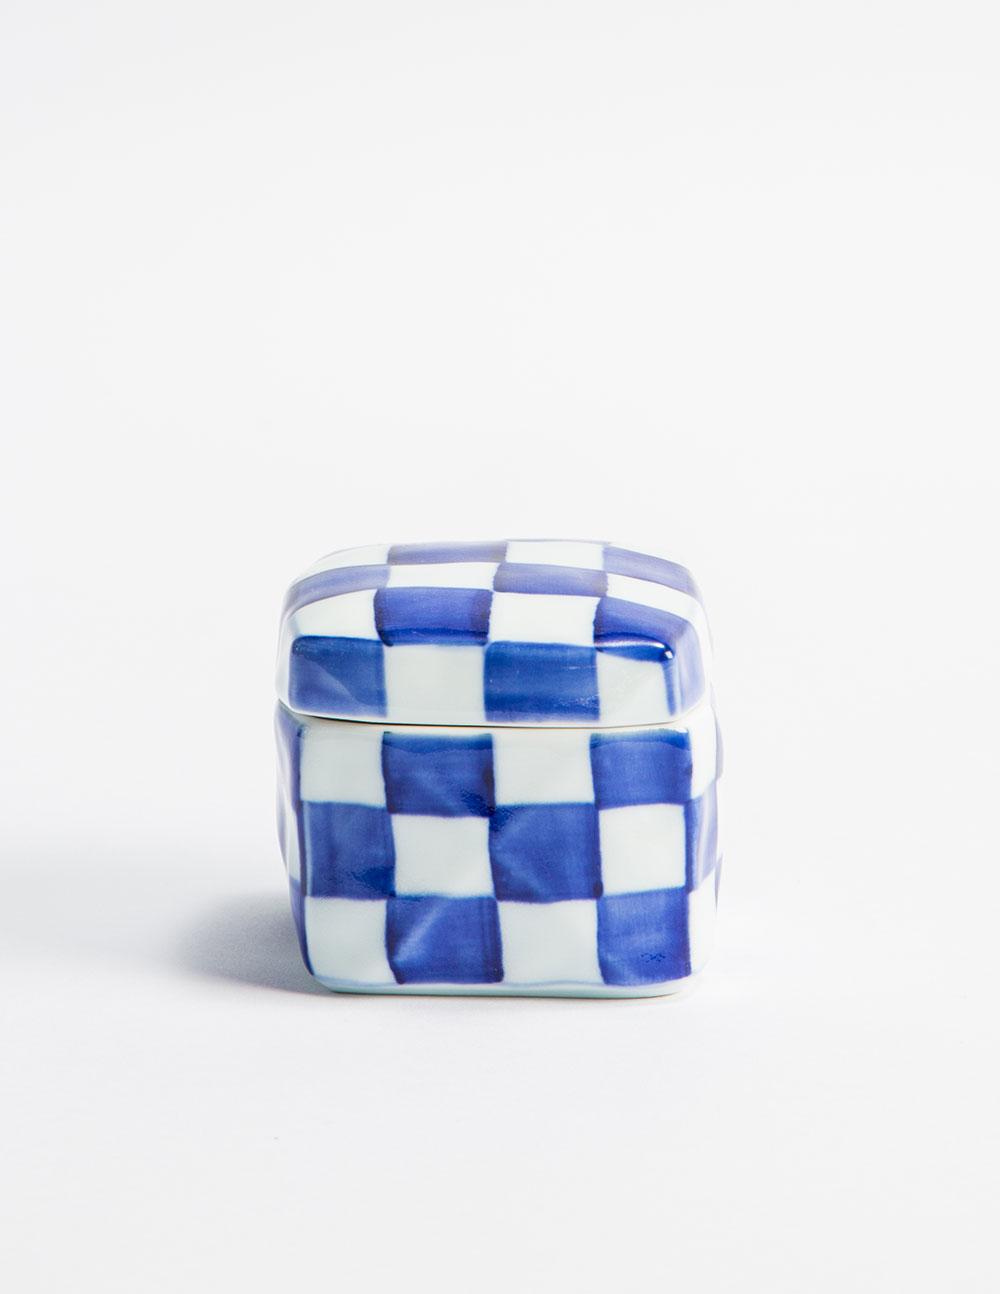 Blue and White Checkerboard Box  $35